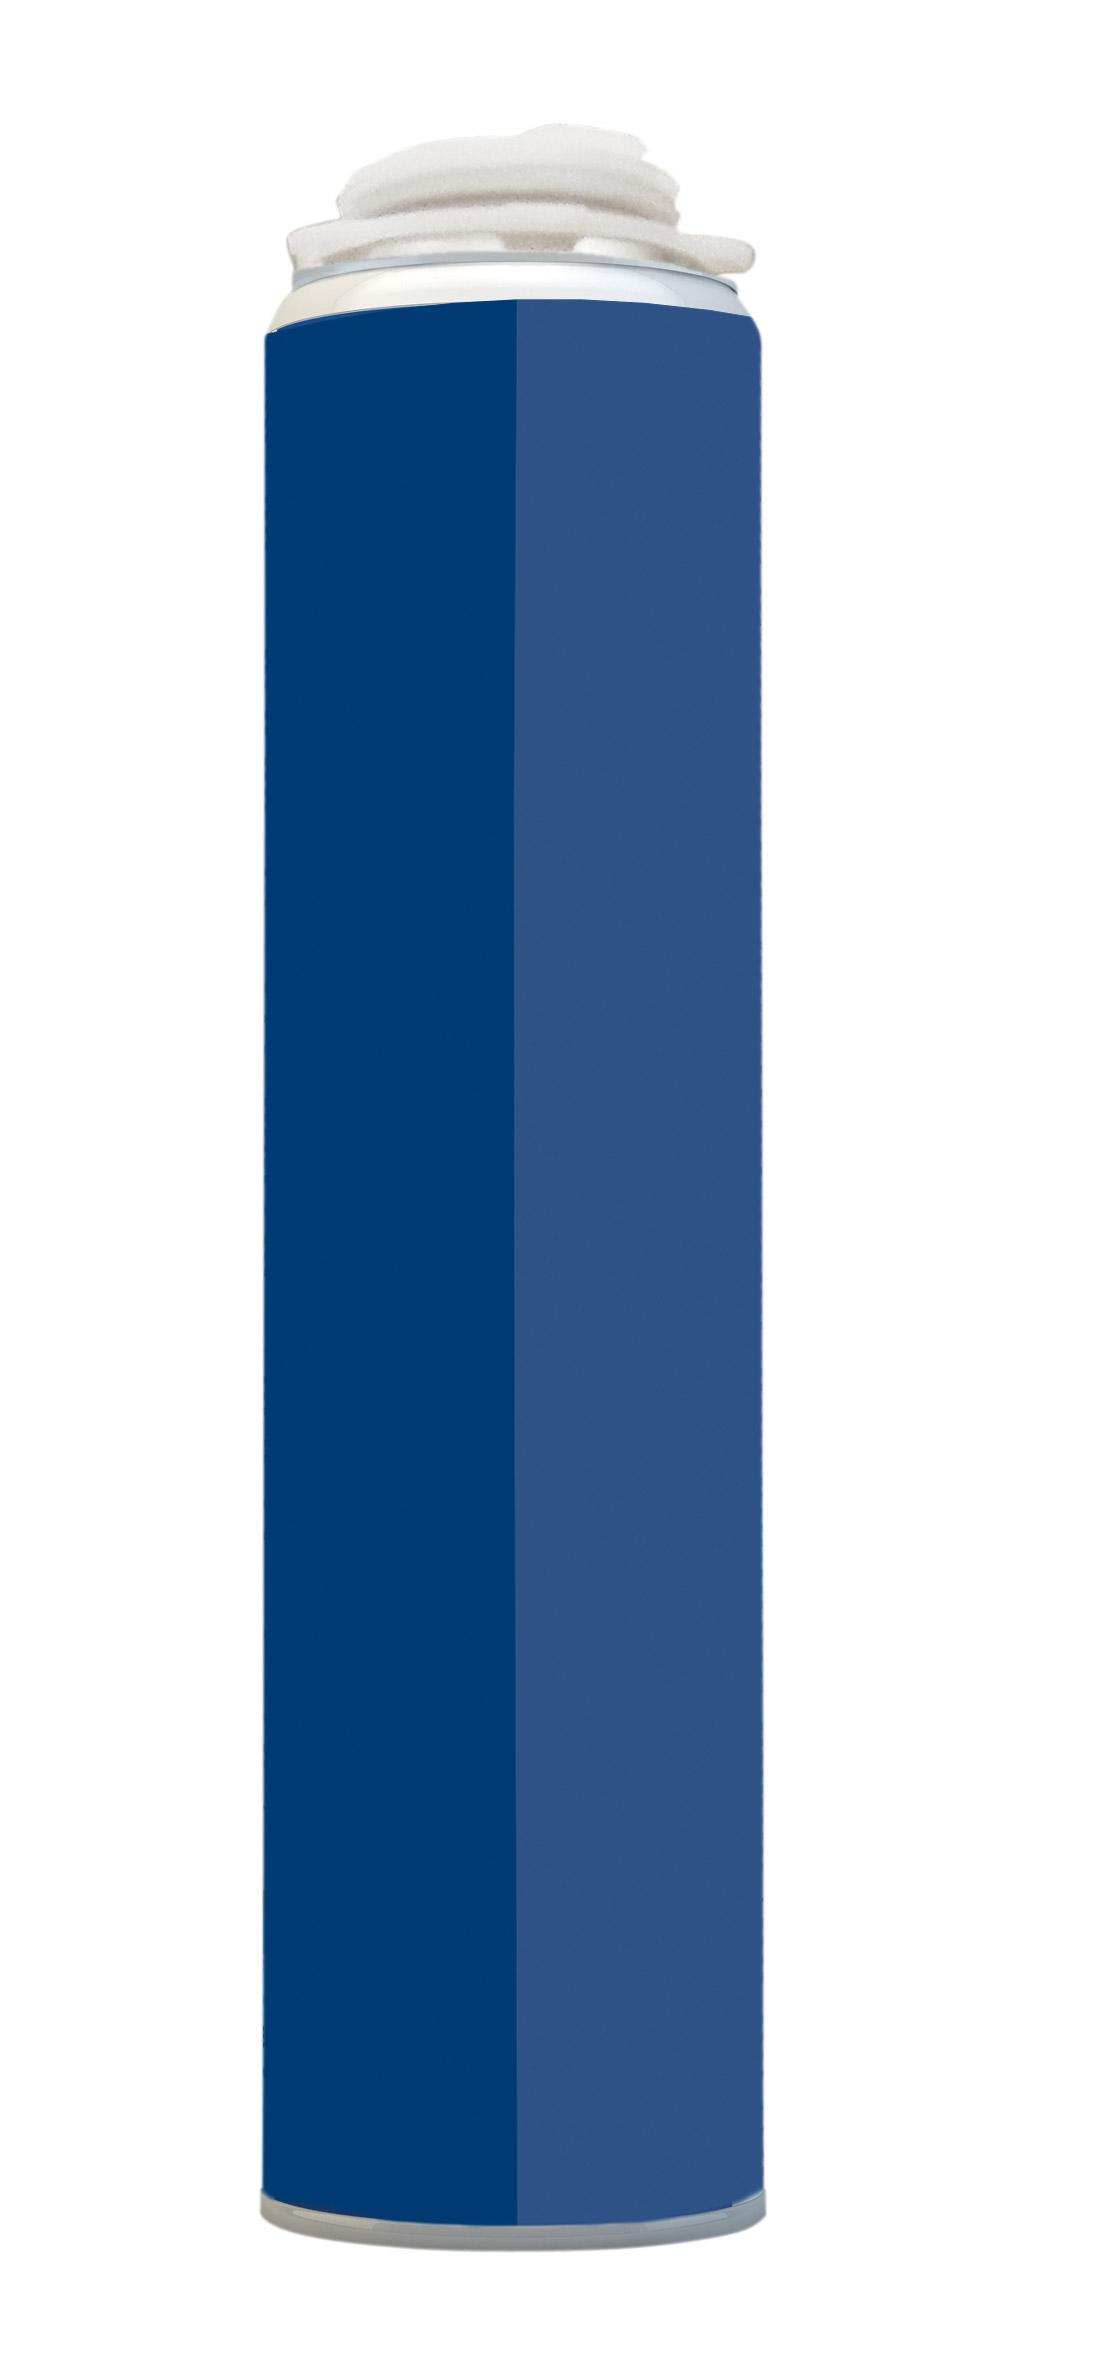 COLLA POLIURETANICA: Colla poliuretanica per il fissaggio di rondelle (FASSA ZYRILLO e FASSA DORONDO)